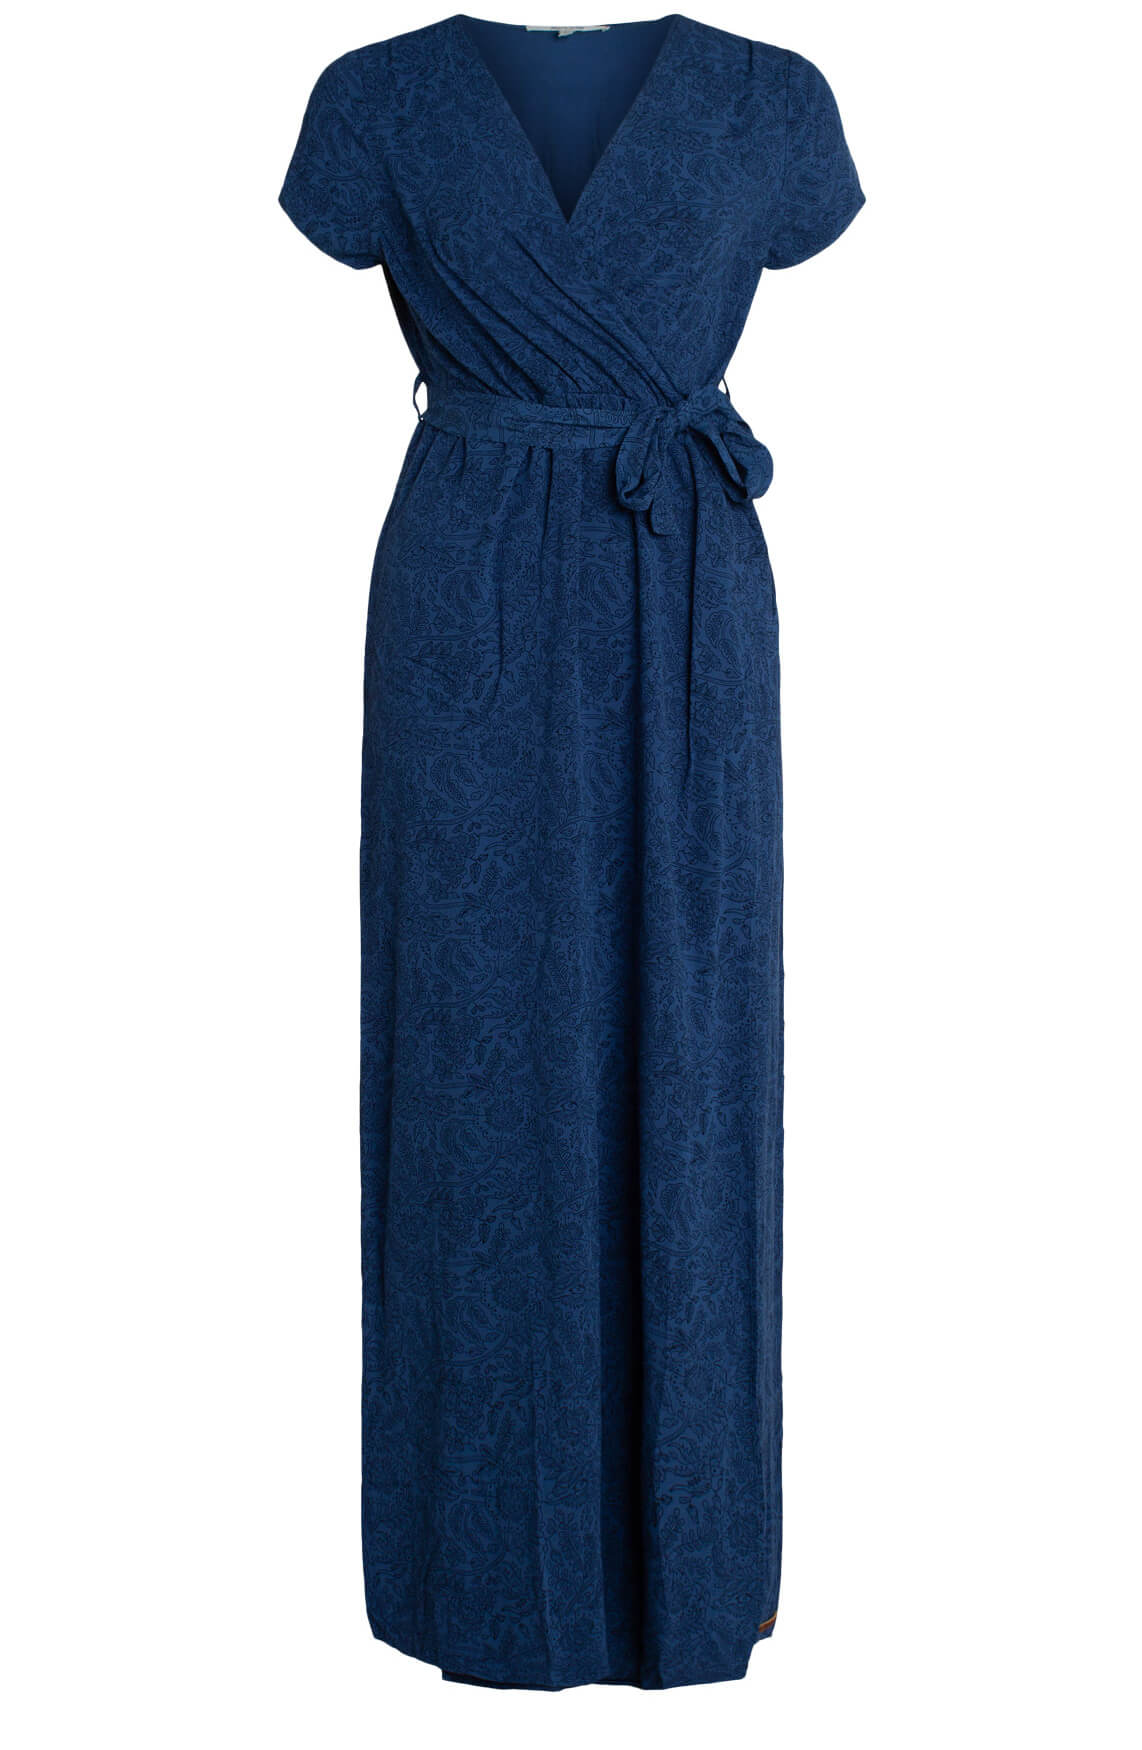 Moscow Dames Lange jurk met bloemenprint Blauw